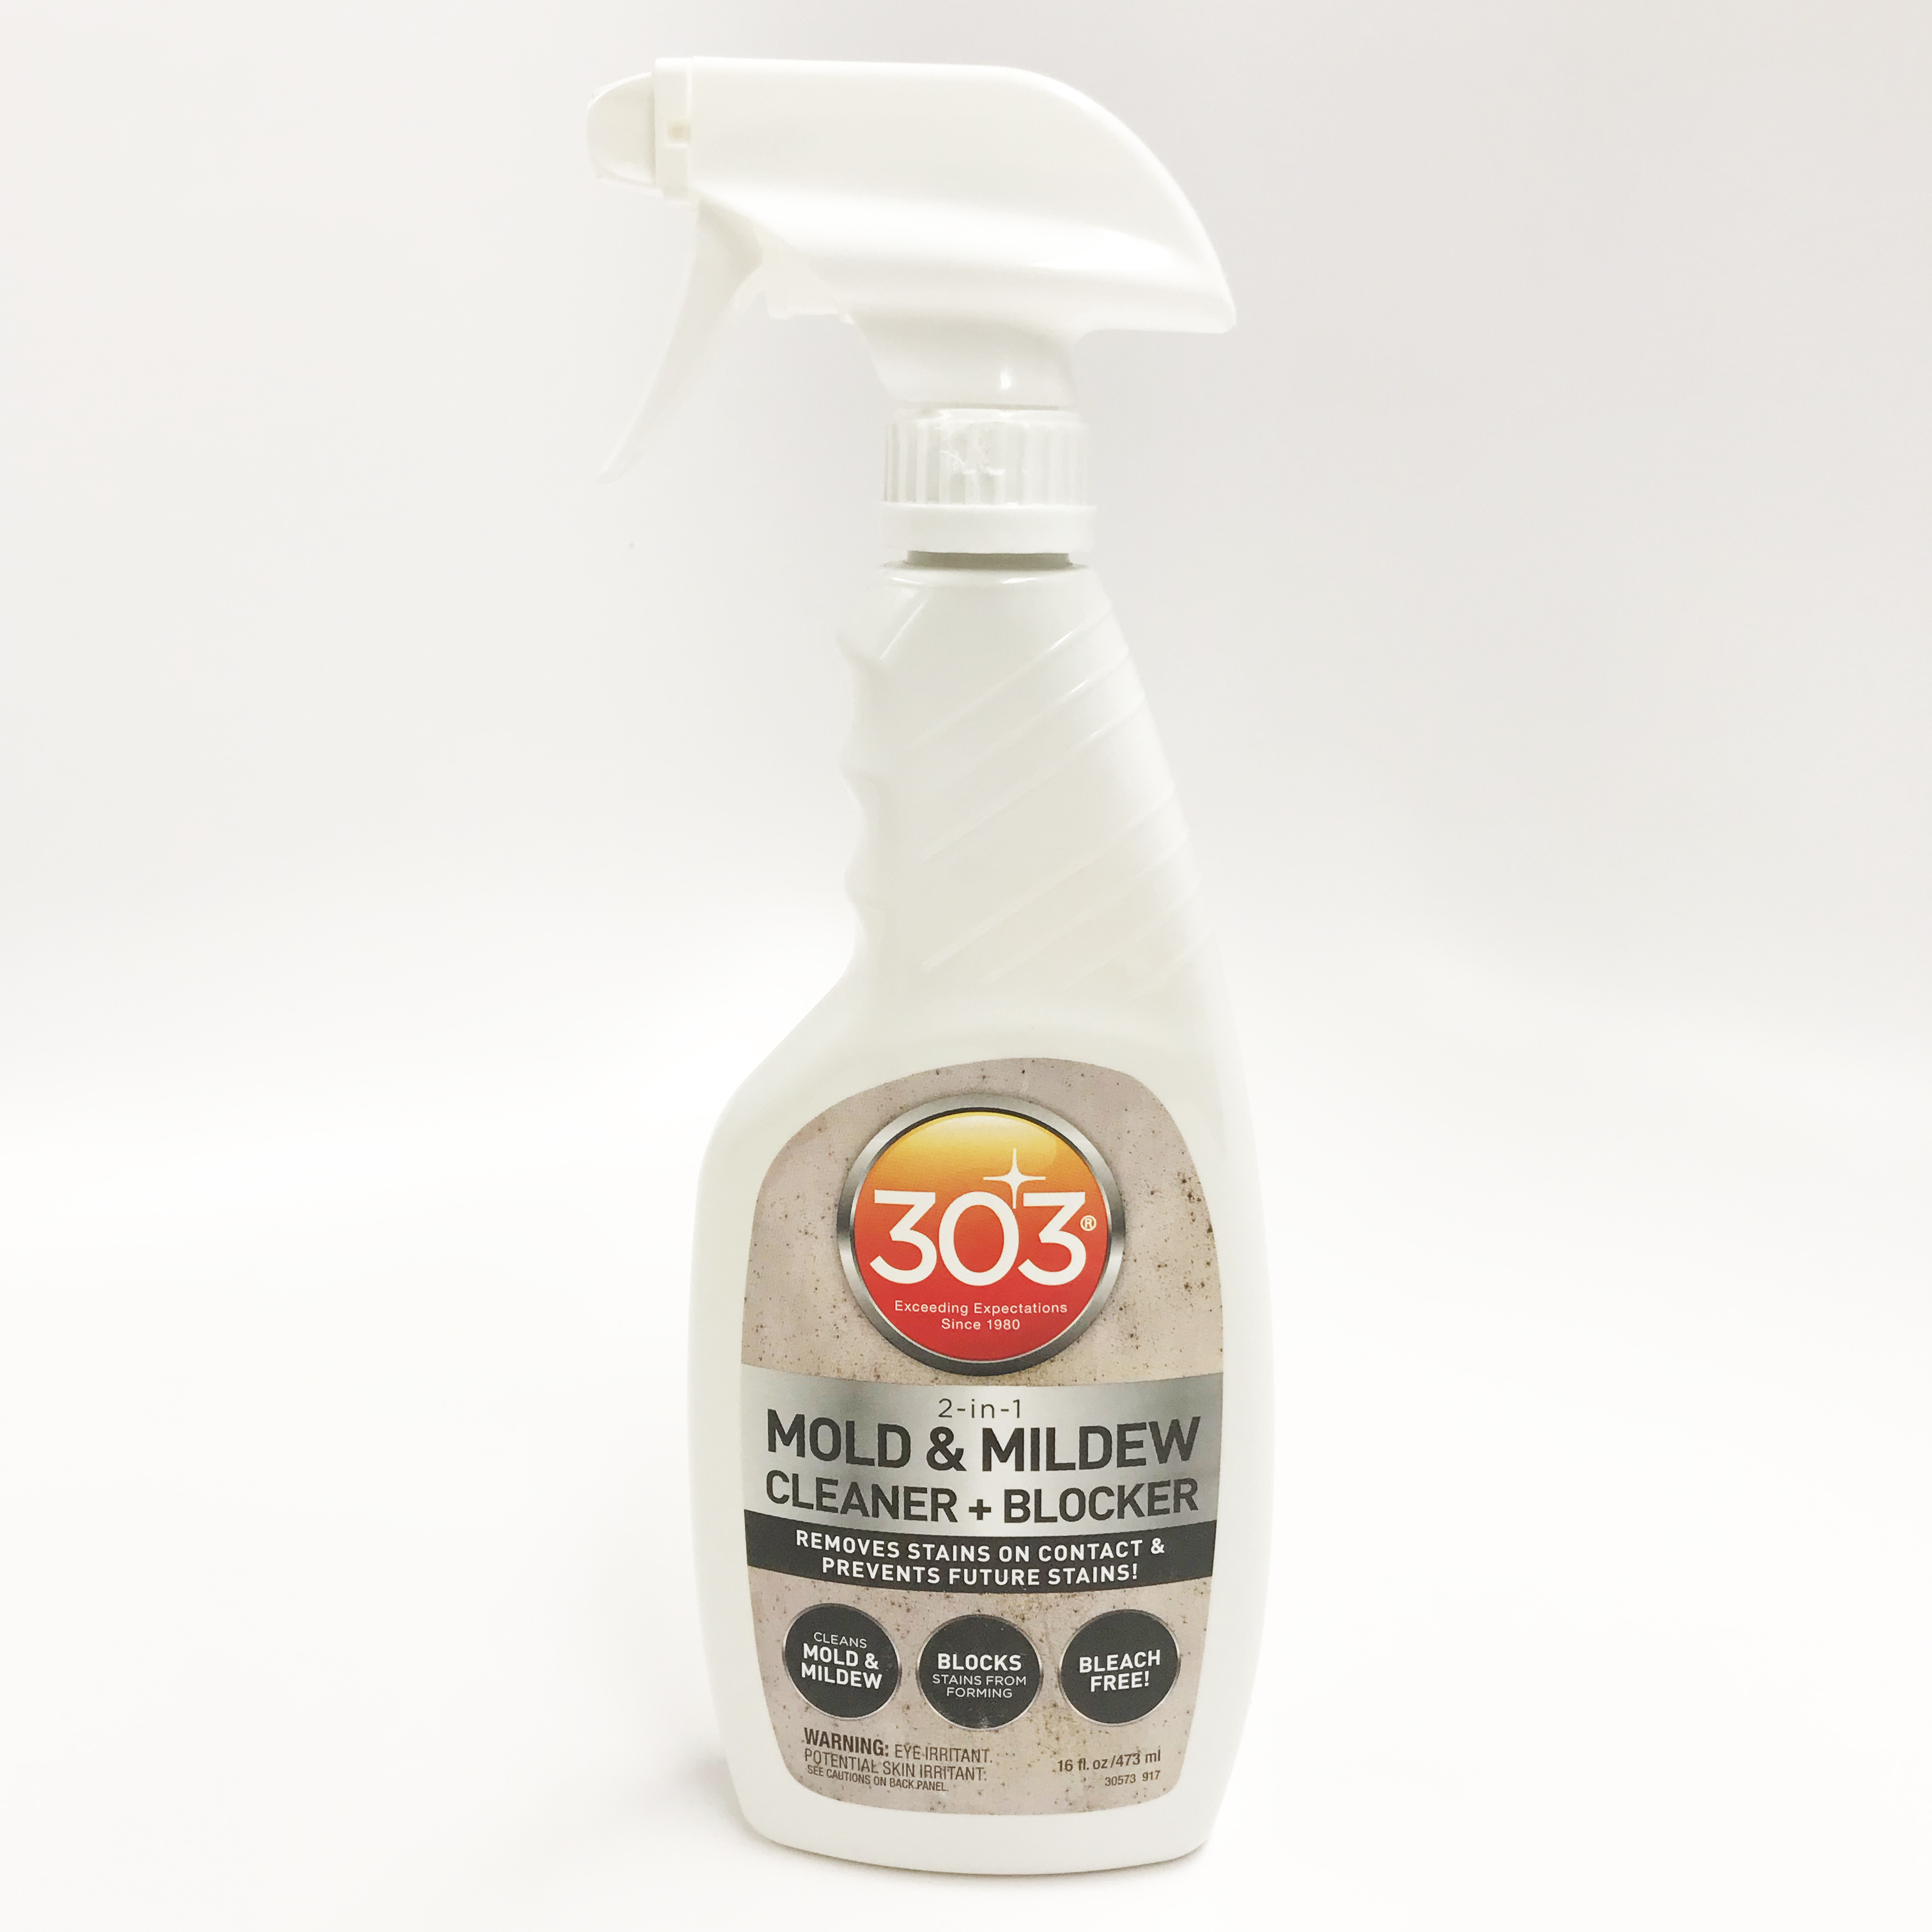 303 Mold Amp Mildew Cleaner Blocker 16 Oz Manart Hirsch